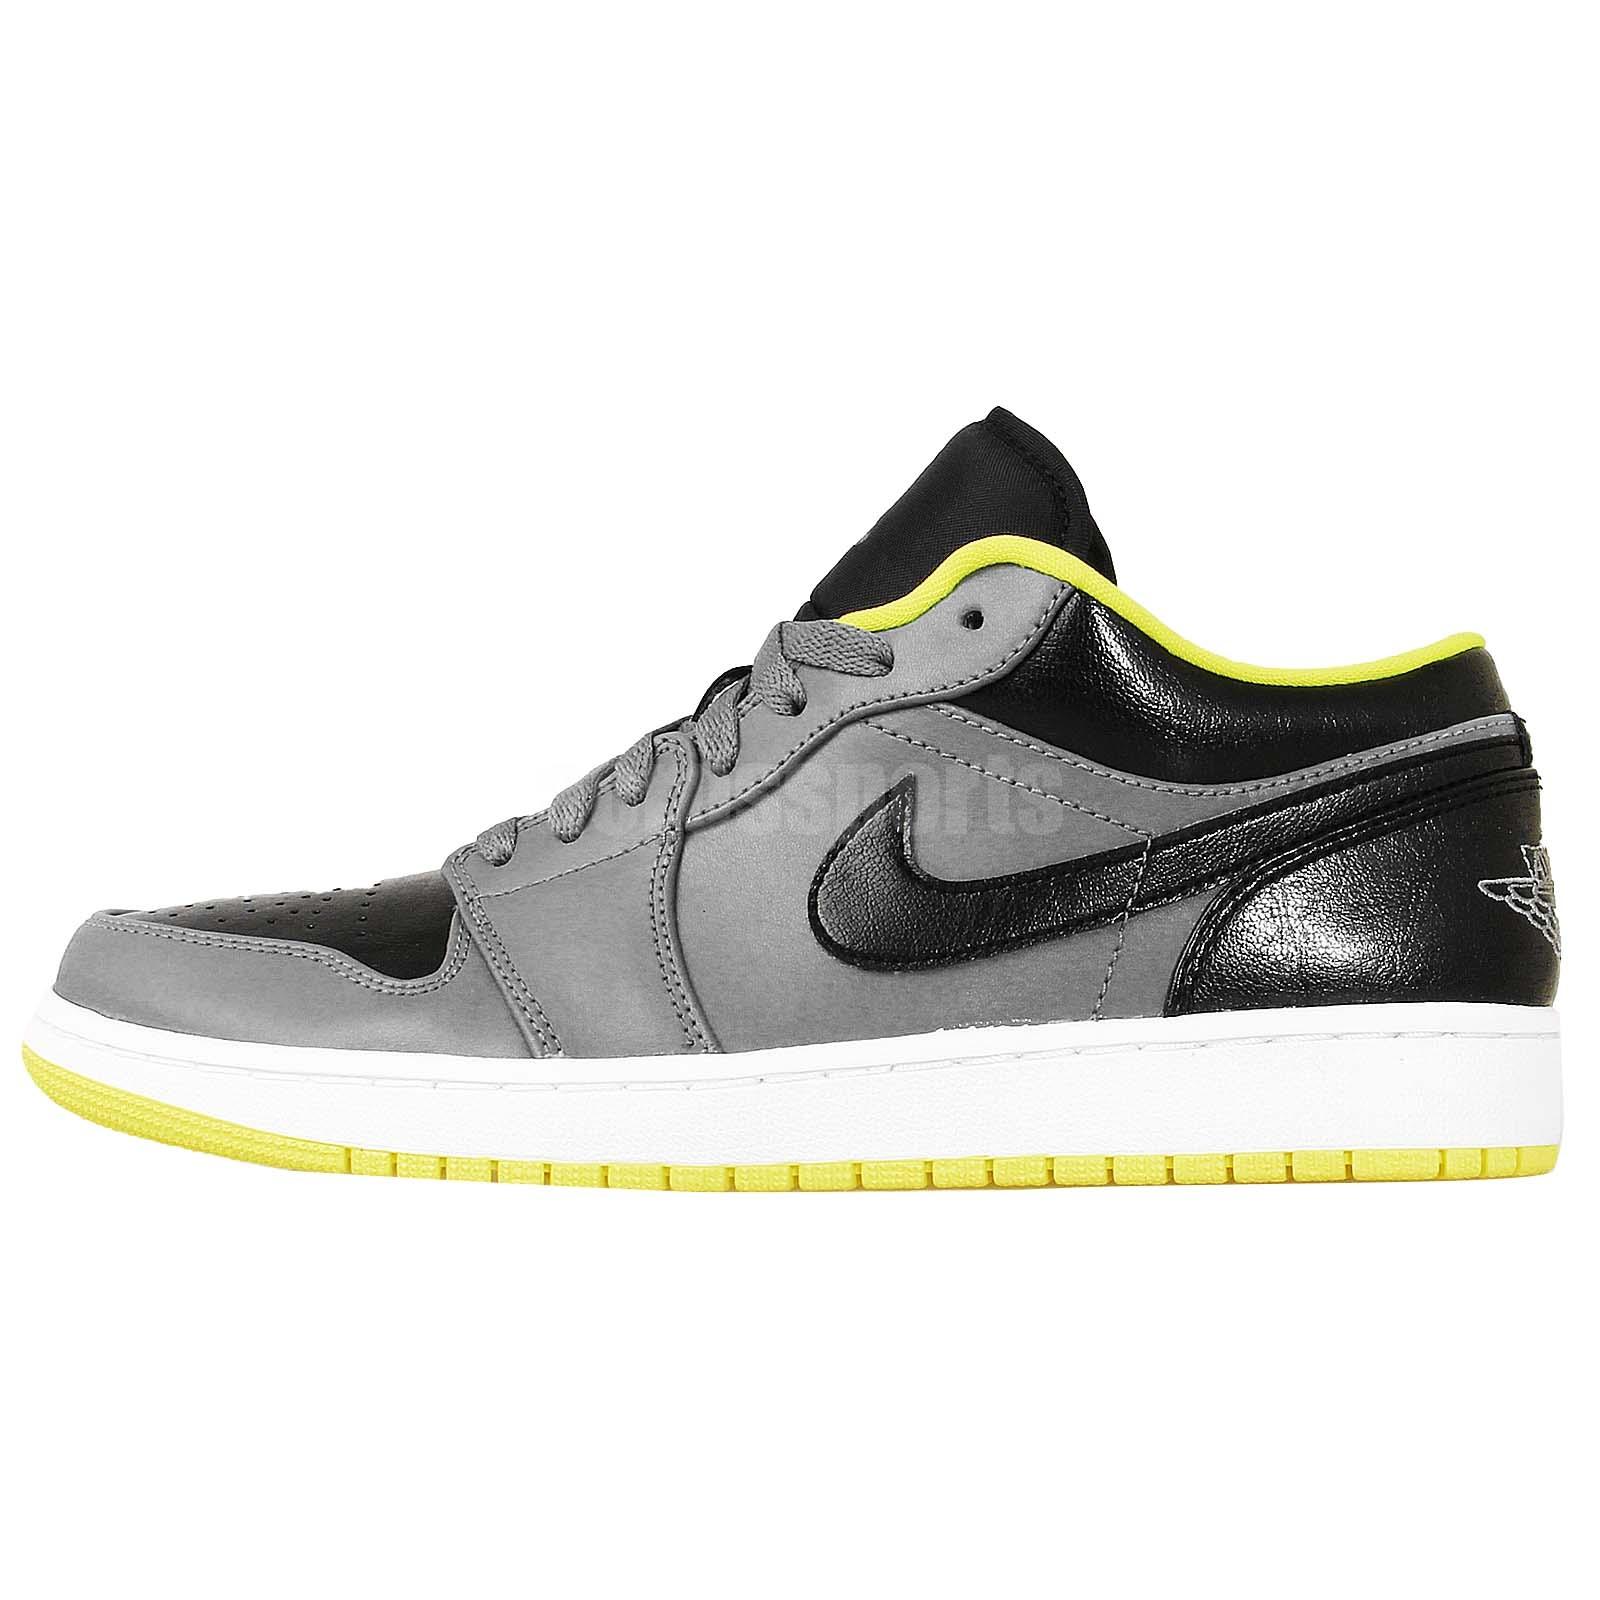 Nike Air Jordan 1 Low Black Grey Yellow AJ1 2014 Mens ...